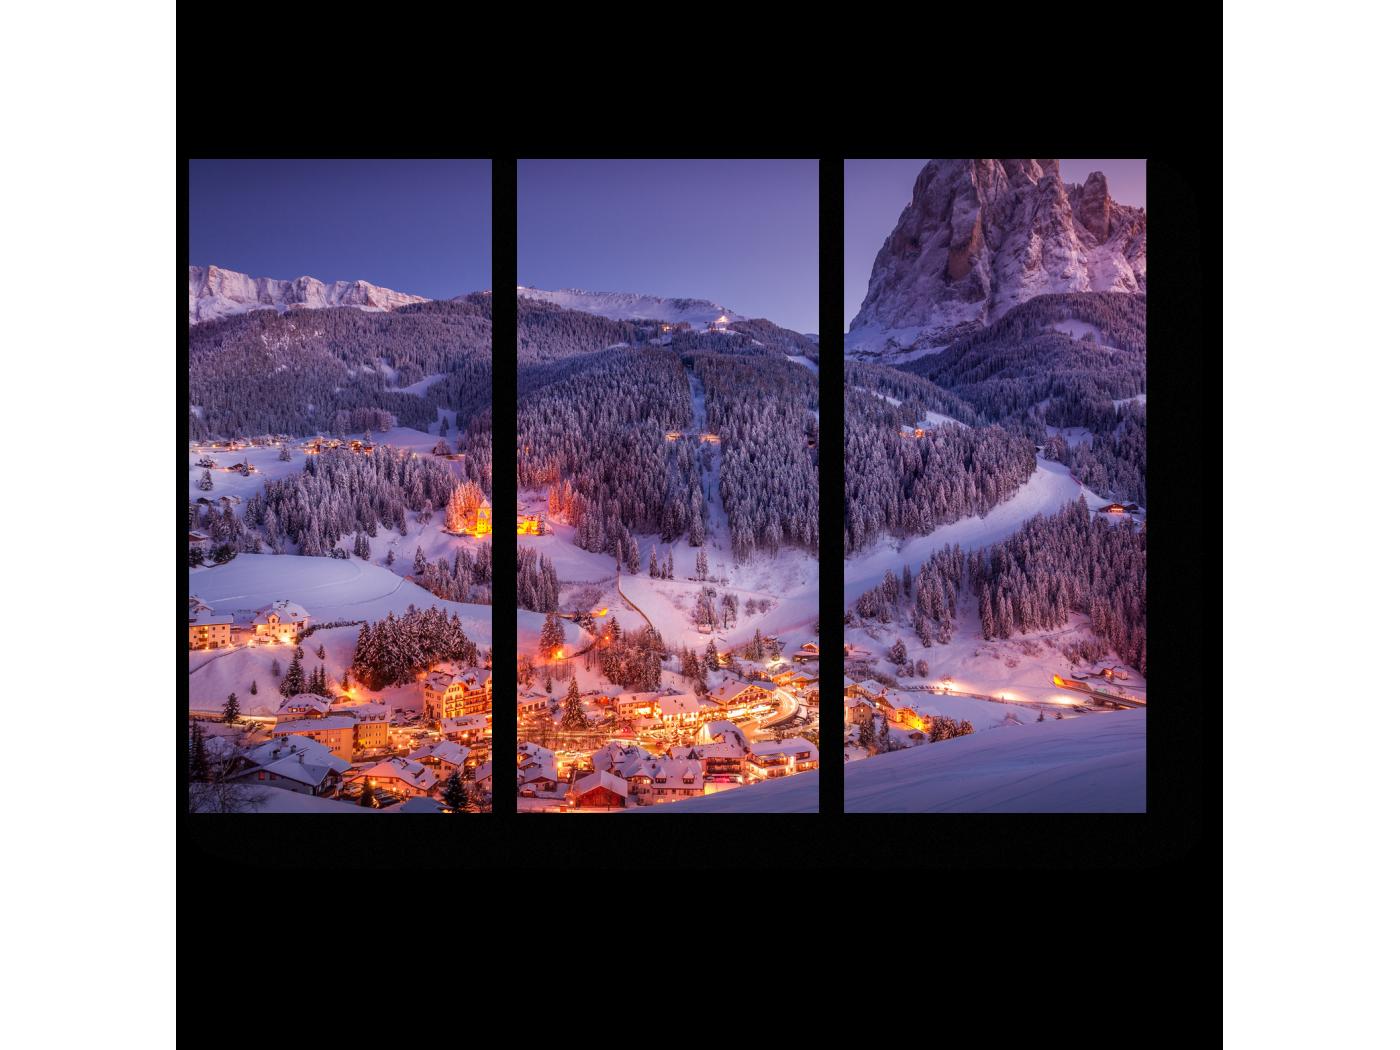 Модульная картина Зимняя деревня в Доломитах, Италия (60x43) фото